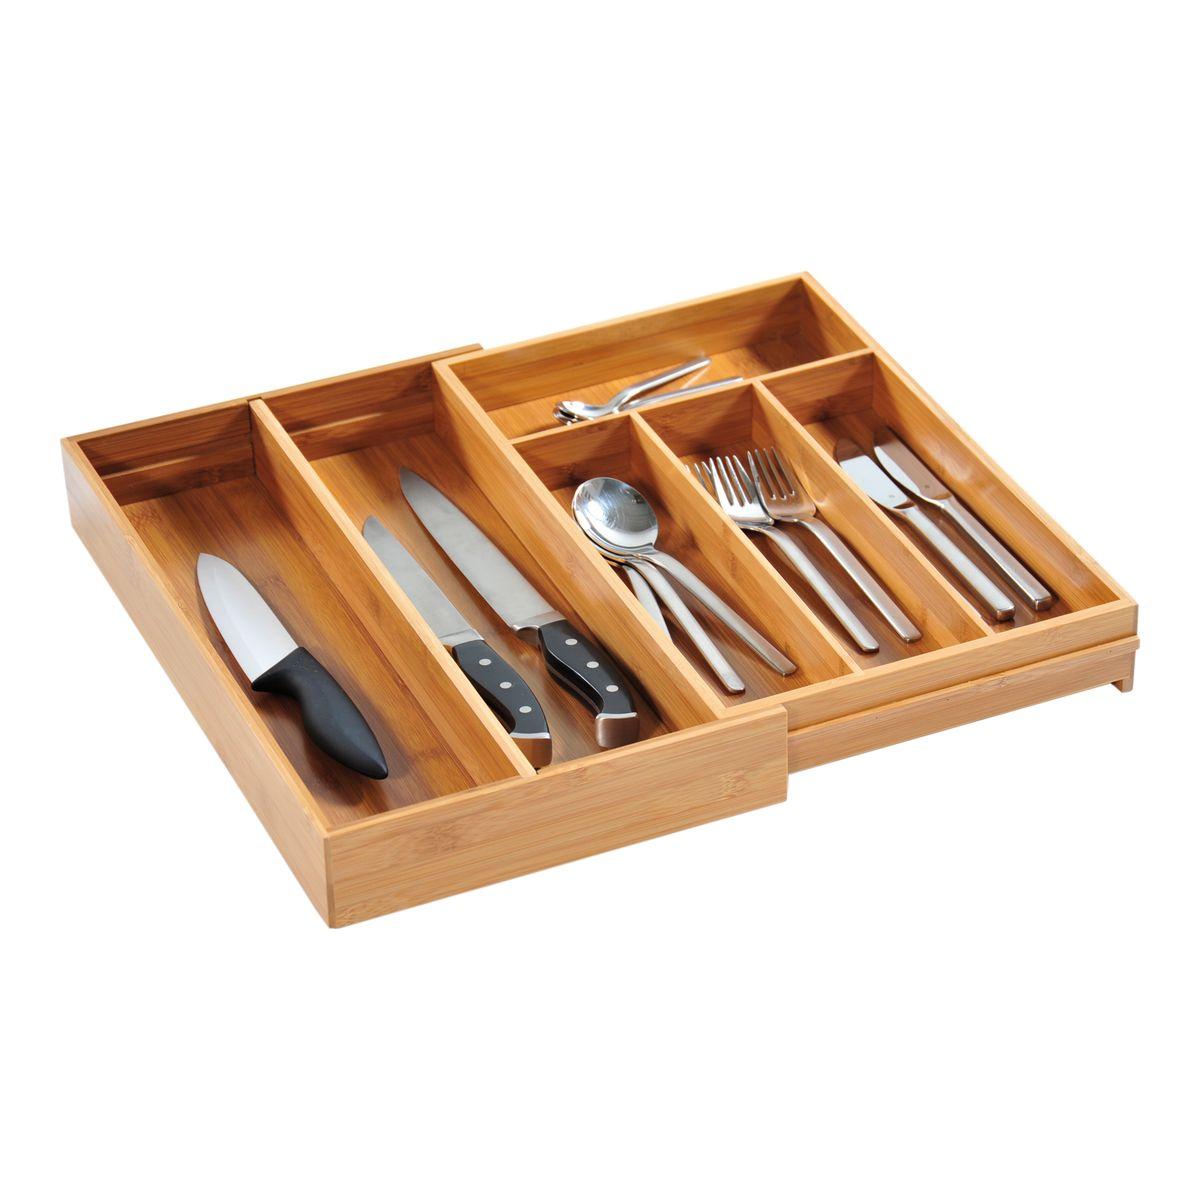 Подставка для столовых приборов Kesper, раздвижная, 26-49 см х 43 см х 6 см1718-6Подставка для столовых приборов Kesper изготовлена из высококачественного прочного дерева. Изделие имеет 3 секции для хранения столовых ложек, вилок и ножей и маленькую секцию - для чайных ложек. Подставка регулируется по длине, что позволяет установить ее в любые кухонные ящики, при этом появляются 2 дополнительные секции для хранения.